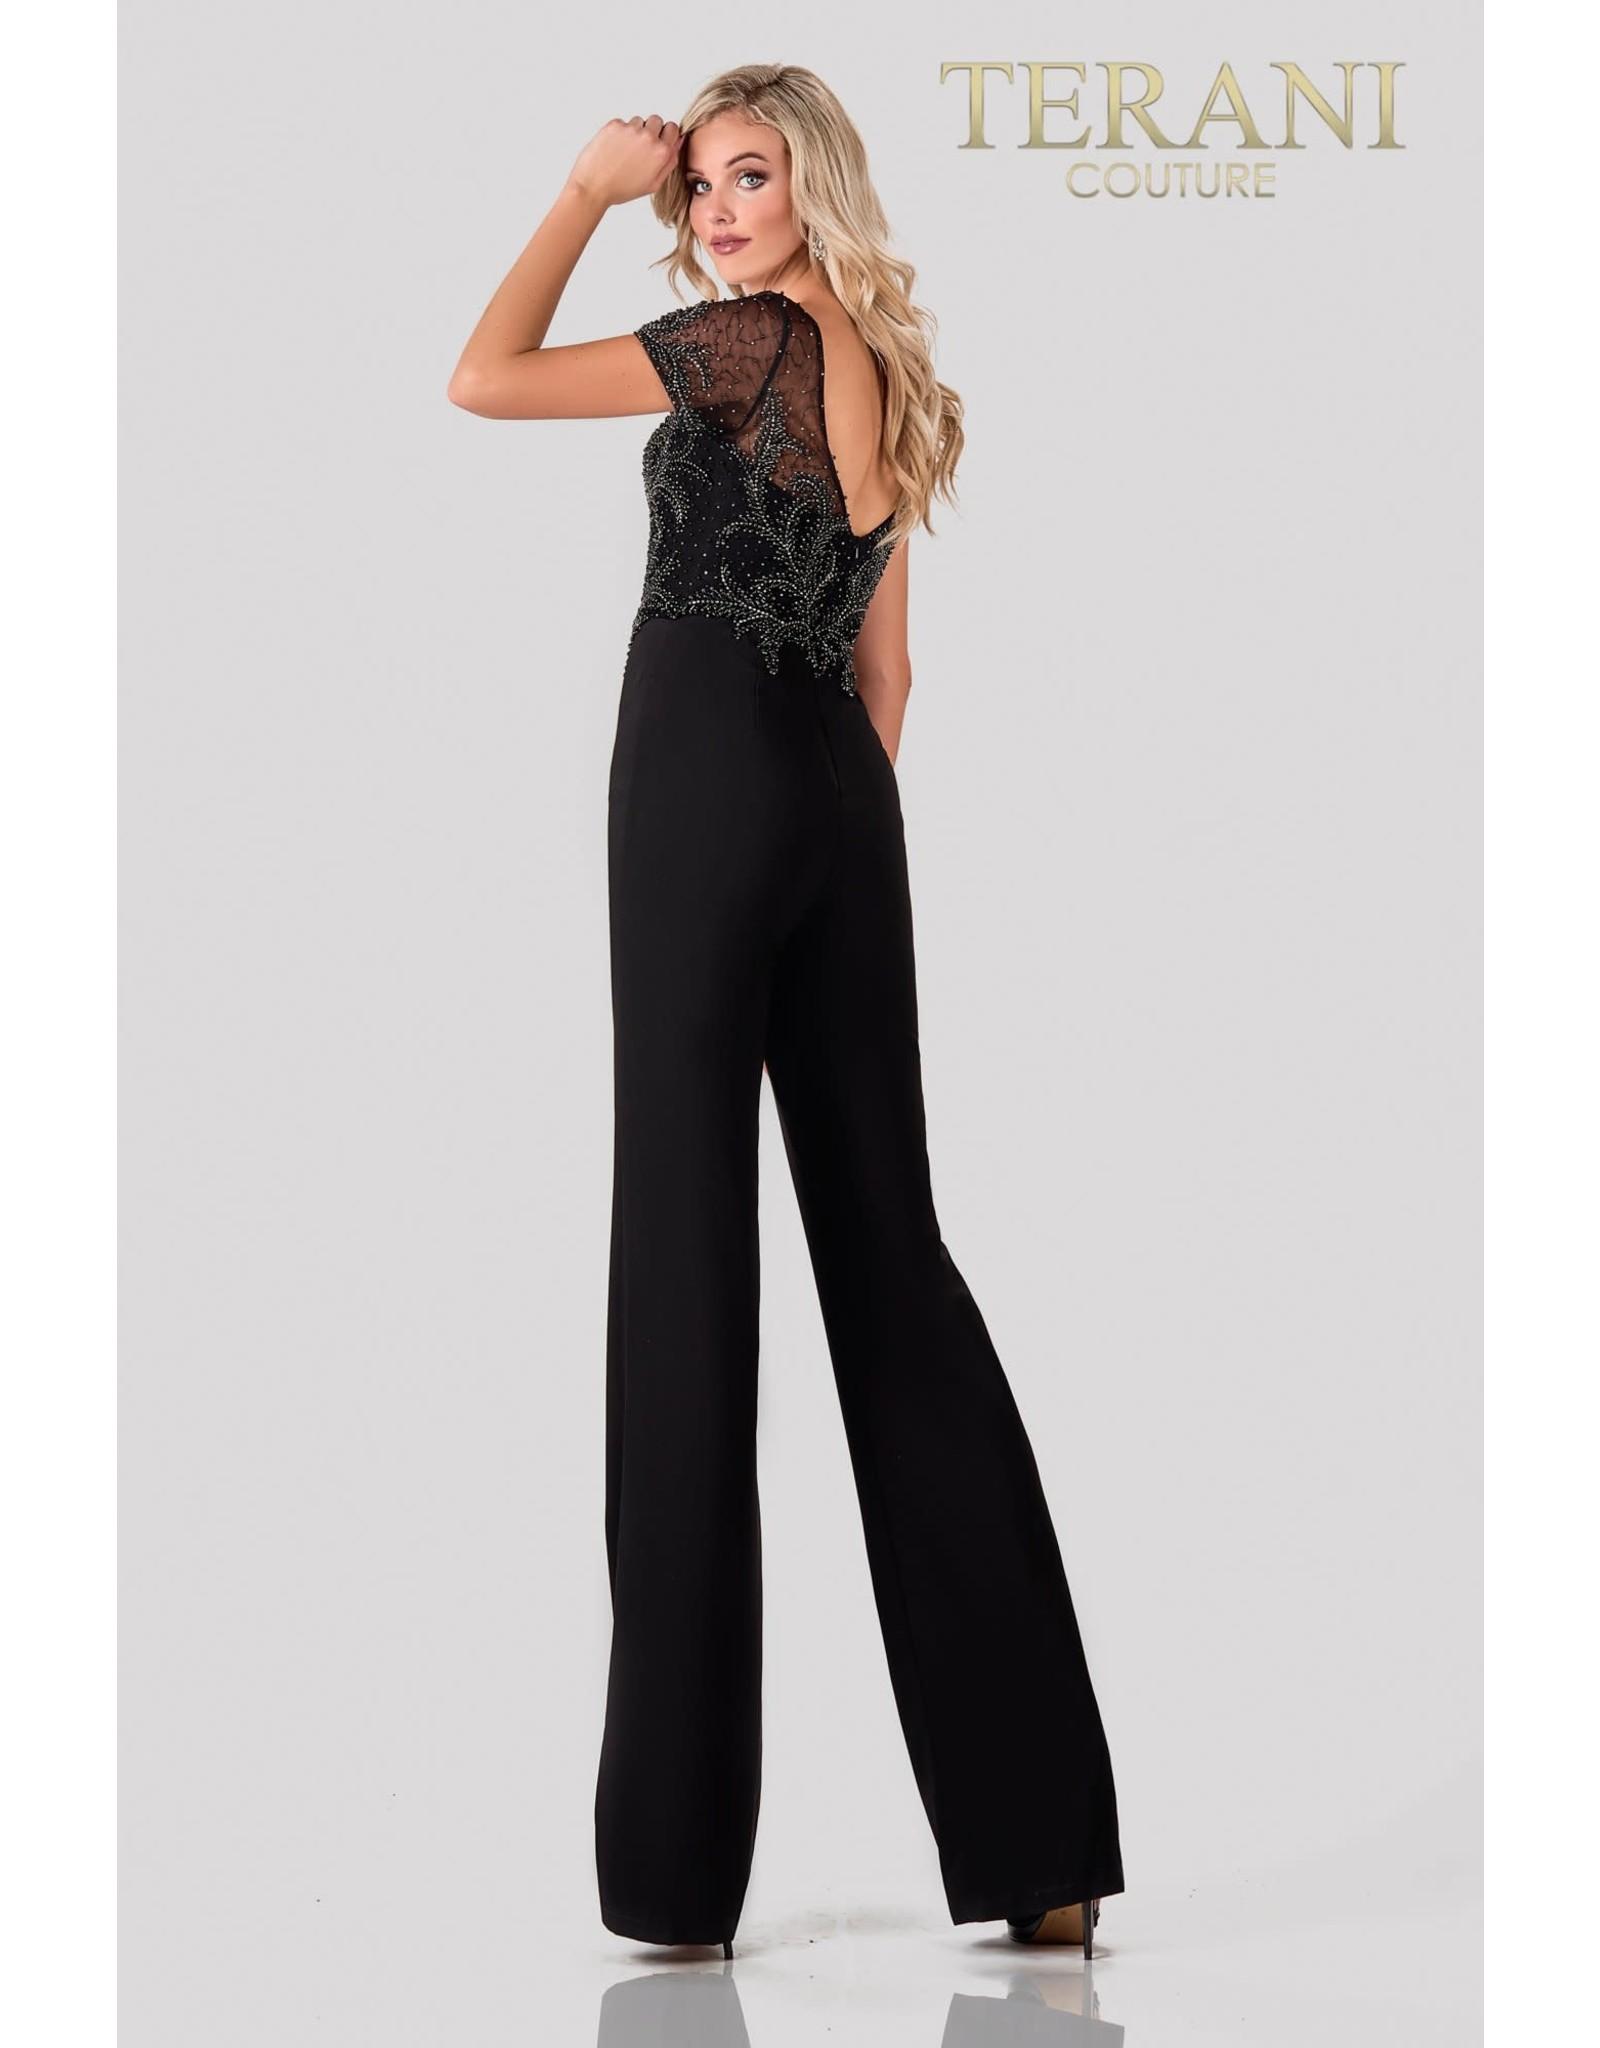 Terani 2027E2940 Terani Dresses